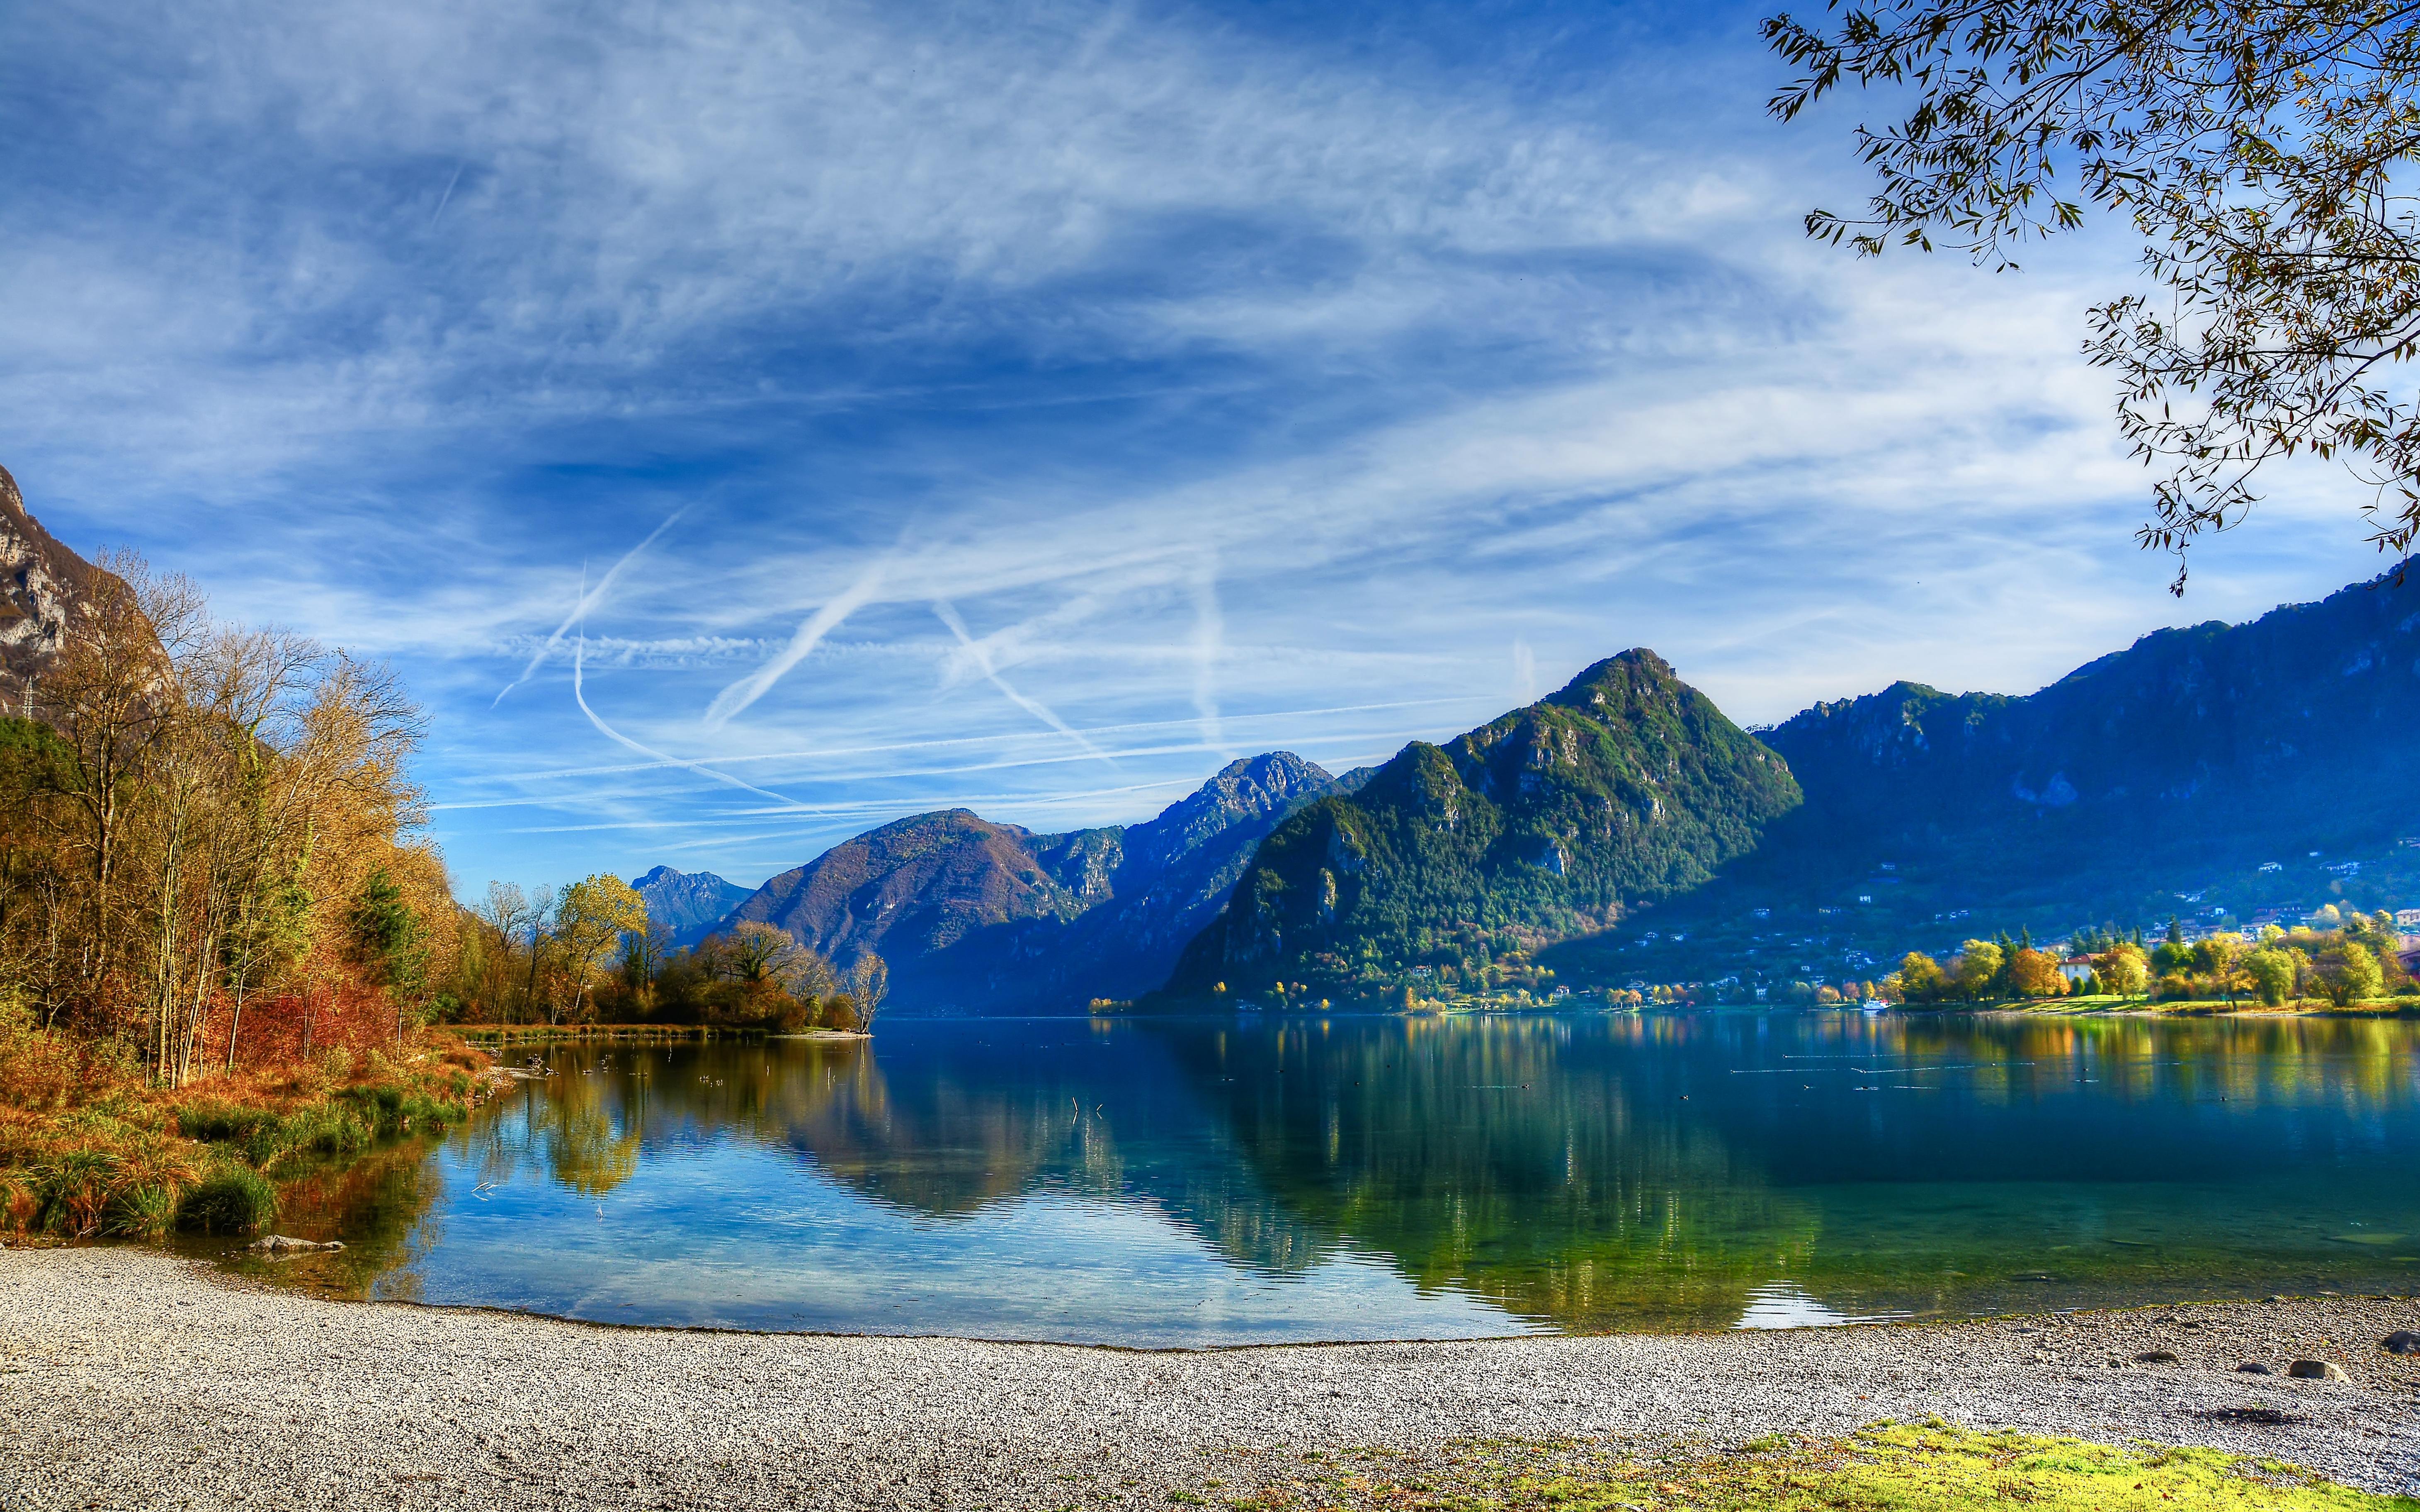 Идро, пресное озеро ледникового происхождения, Италия